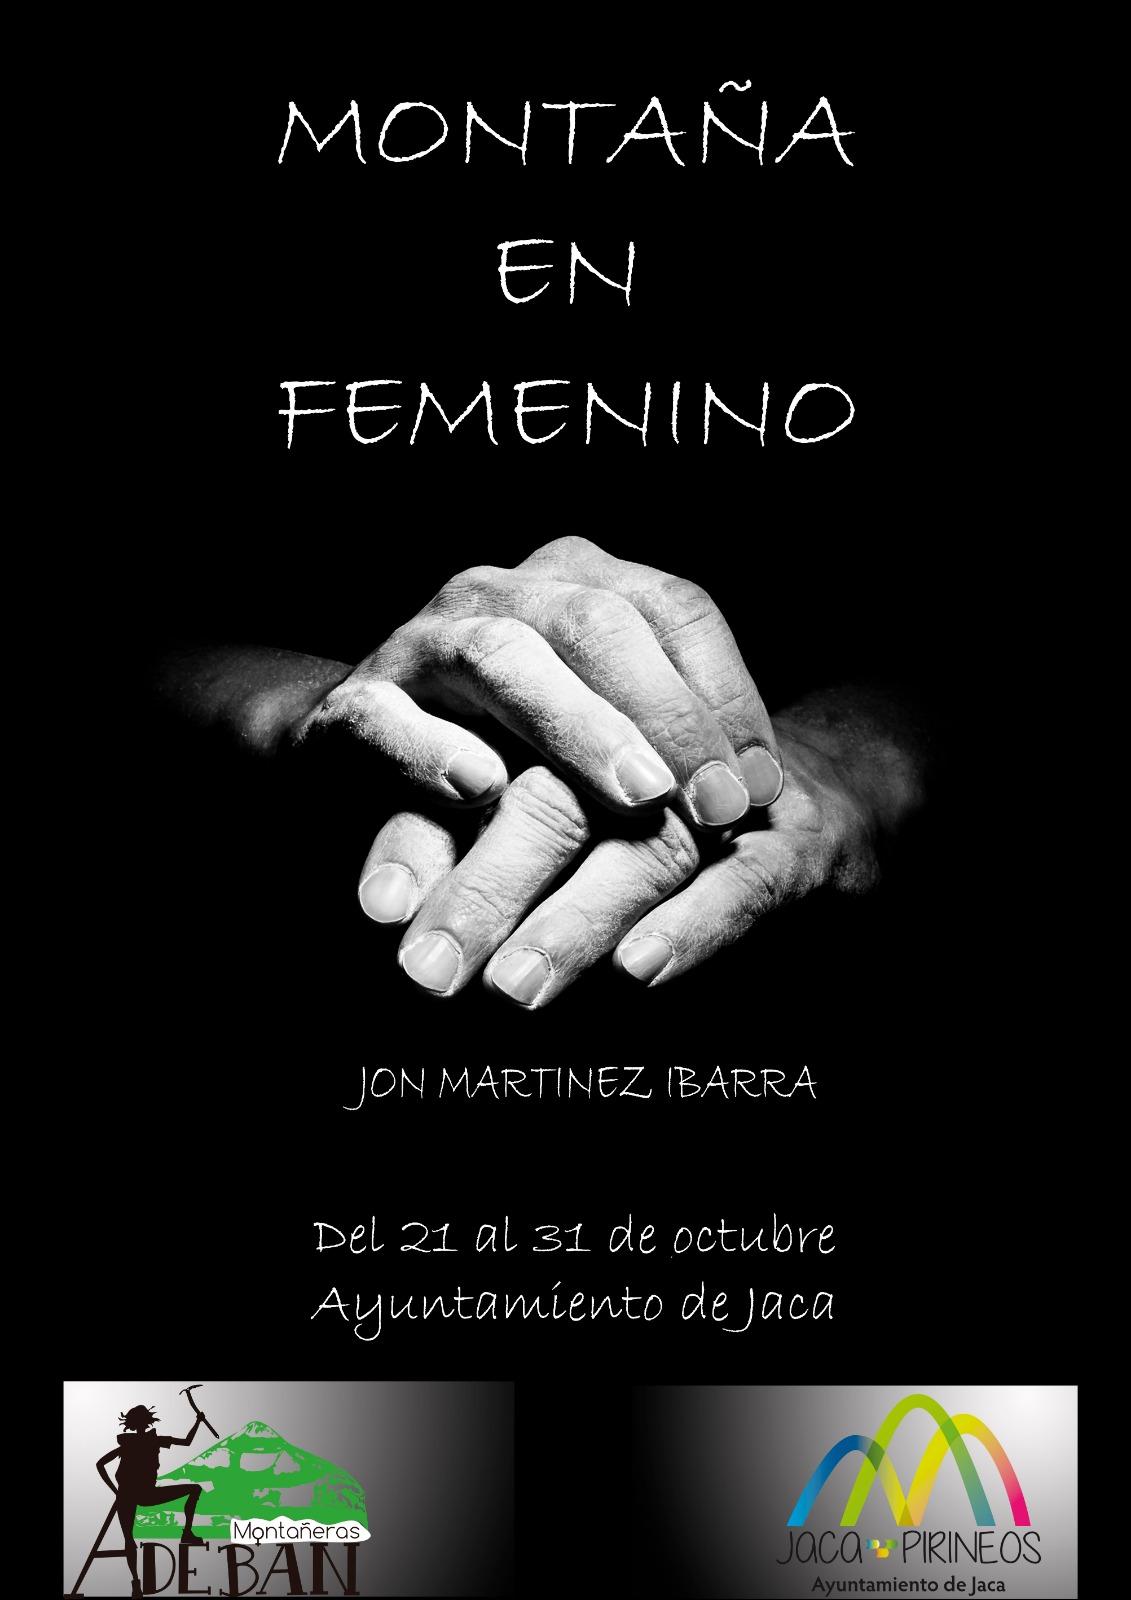 Exposición fotográfica LA MONTAÑA EN FEMENINO, con la obra de Jon Martínez.